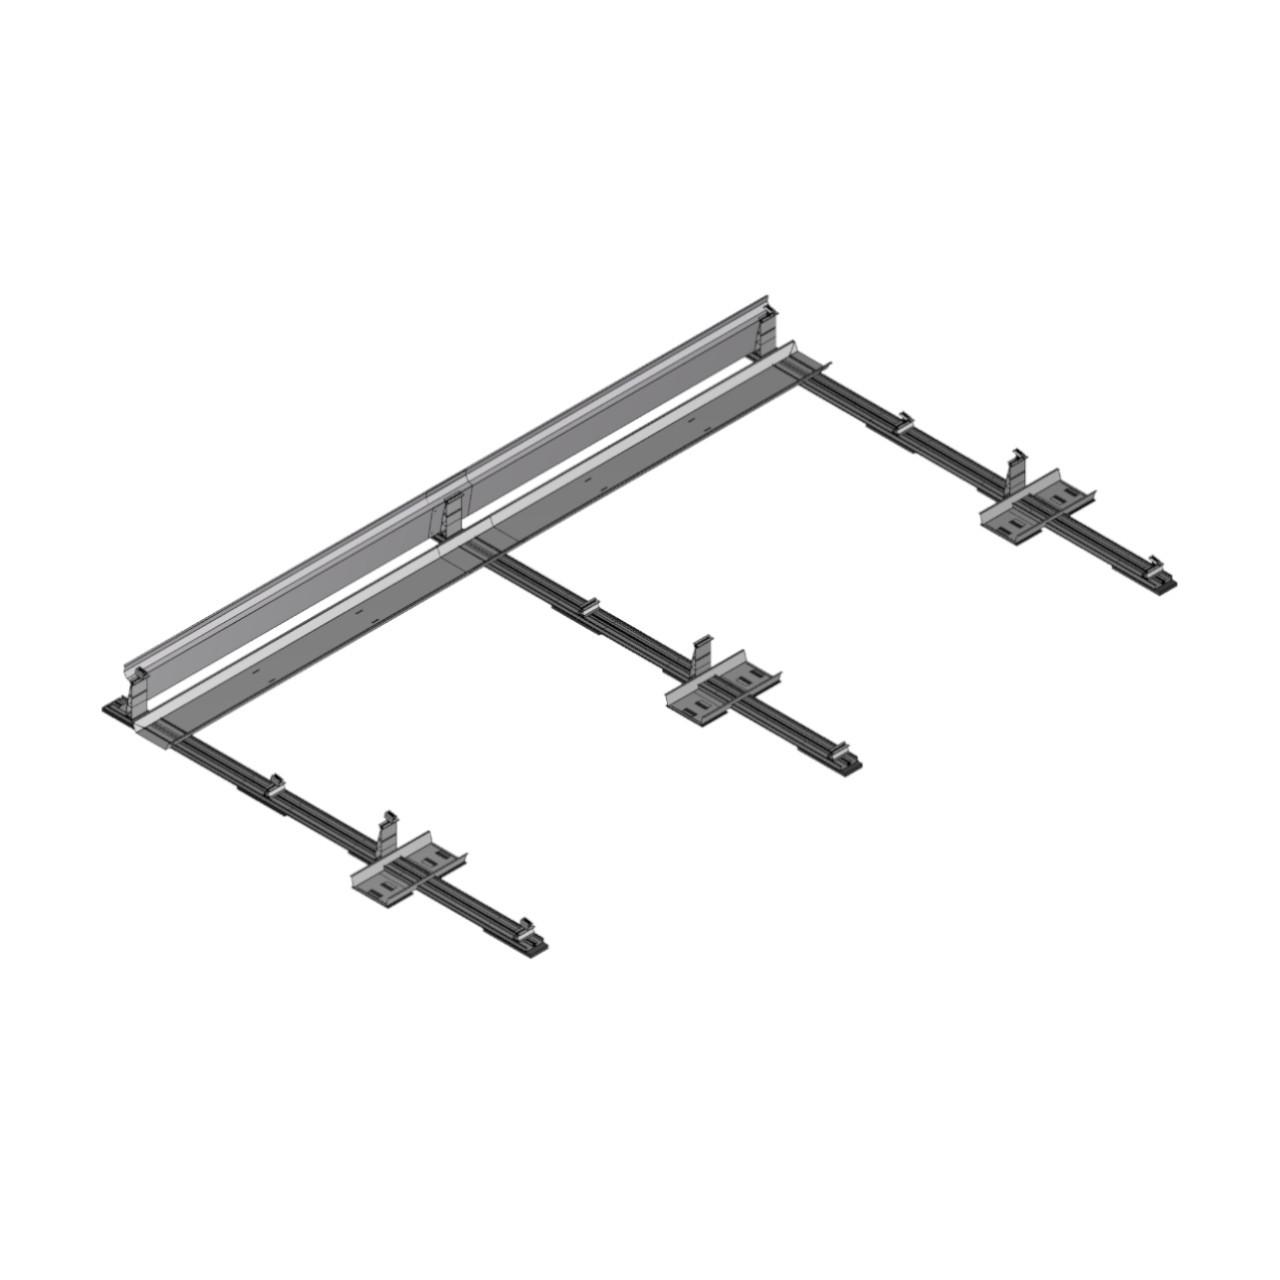 FixGrid10 - South - No Panels